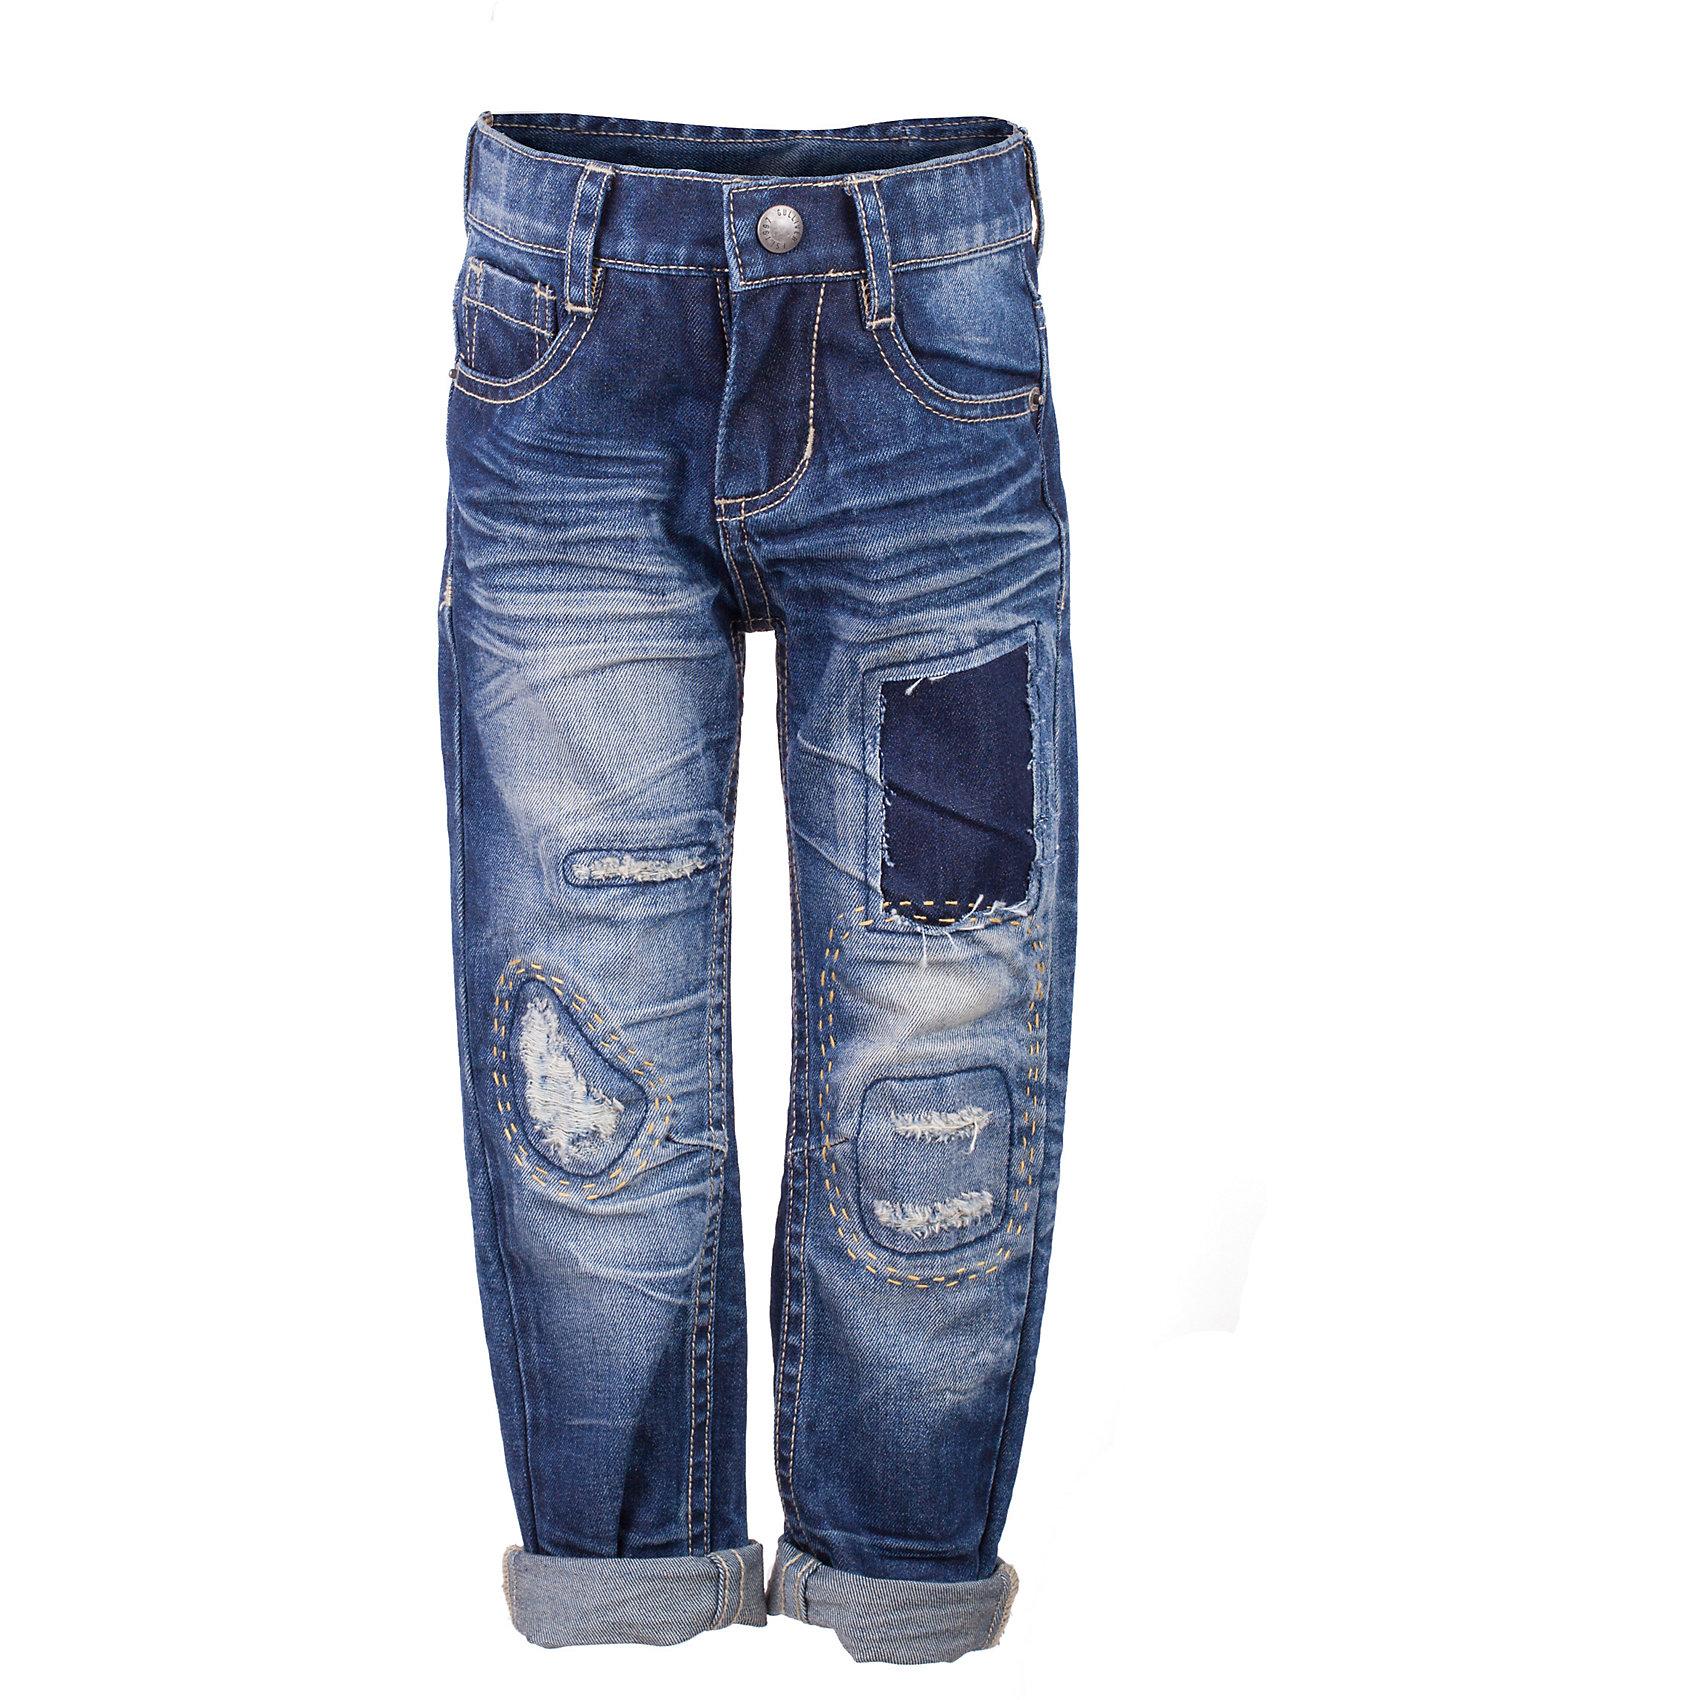 Джинсы для мальчика GulliverДжинсы<br>Модные джинсы для мальчика с актуальными потертостями, варкой и заплатками, пришитыми крупными ручными стежками, сделают образ юного джентльмена дерзким и современным! Плотные синие джинсы, ставшие классикой повседневного стиля - идеальный вариант для теплой весенней погоды. Удобные и практичные, джинсы из хлопка гарантируют комфорт и свободу движений. Если вы хотите купить оригинальные детские джинсы, которые подчеркнут стиль и индивидуальность вашего ребенка, эти классные джинсы - лучшее решение для весны и лета!<br>Состав:<br>100% хлопок<br><br>Ширина мм: 215<br>Глубина мм: 88<br>Высота мм: 191<br>Вес г: 336<br>Цвет: синий<br>Возраст от месяцев: 24<br>Возраст до месяцев: 36<br>Пол: Мужской<br>Возраст: Детский<br>Размер: 98,104,110,116<br>SKU: 5483836